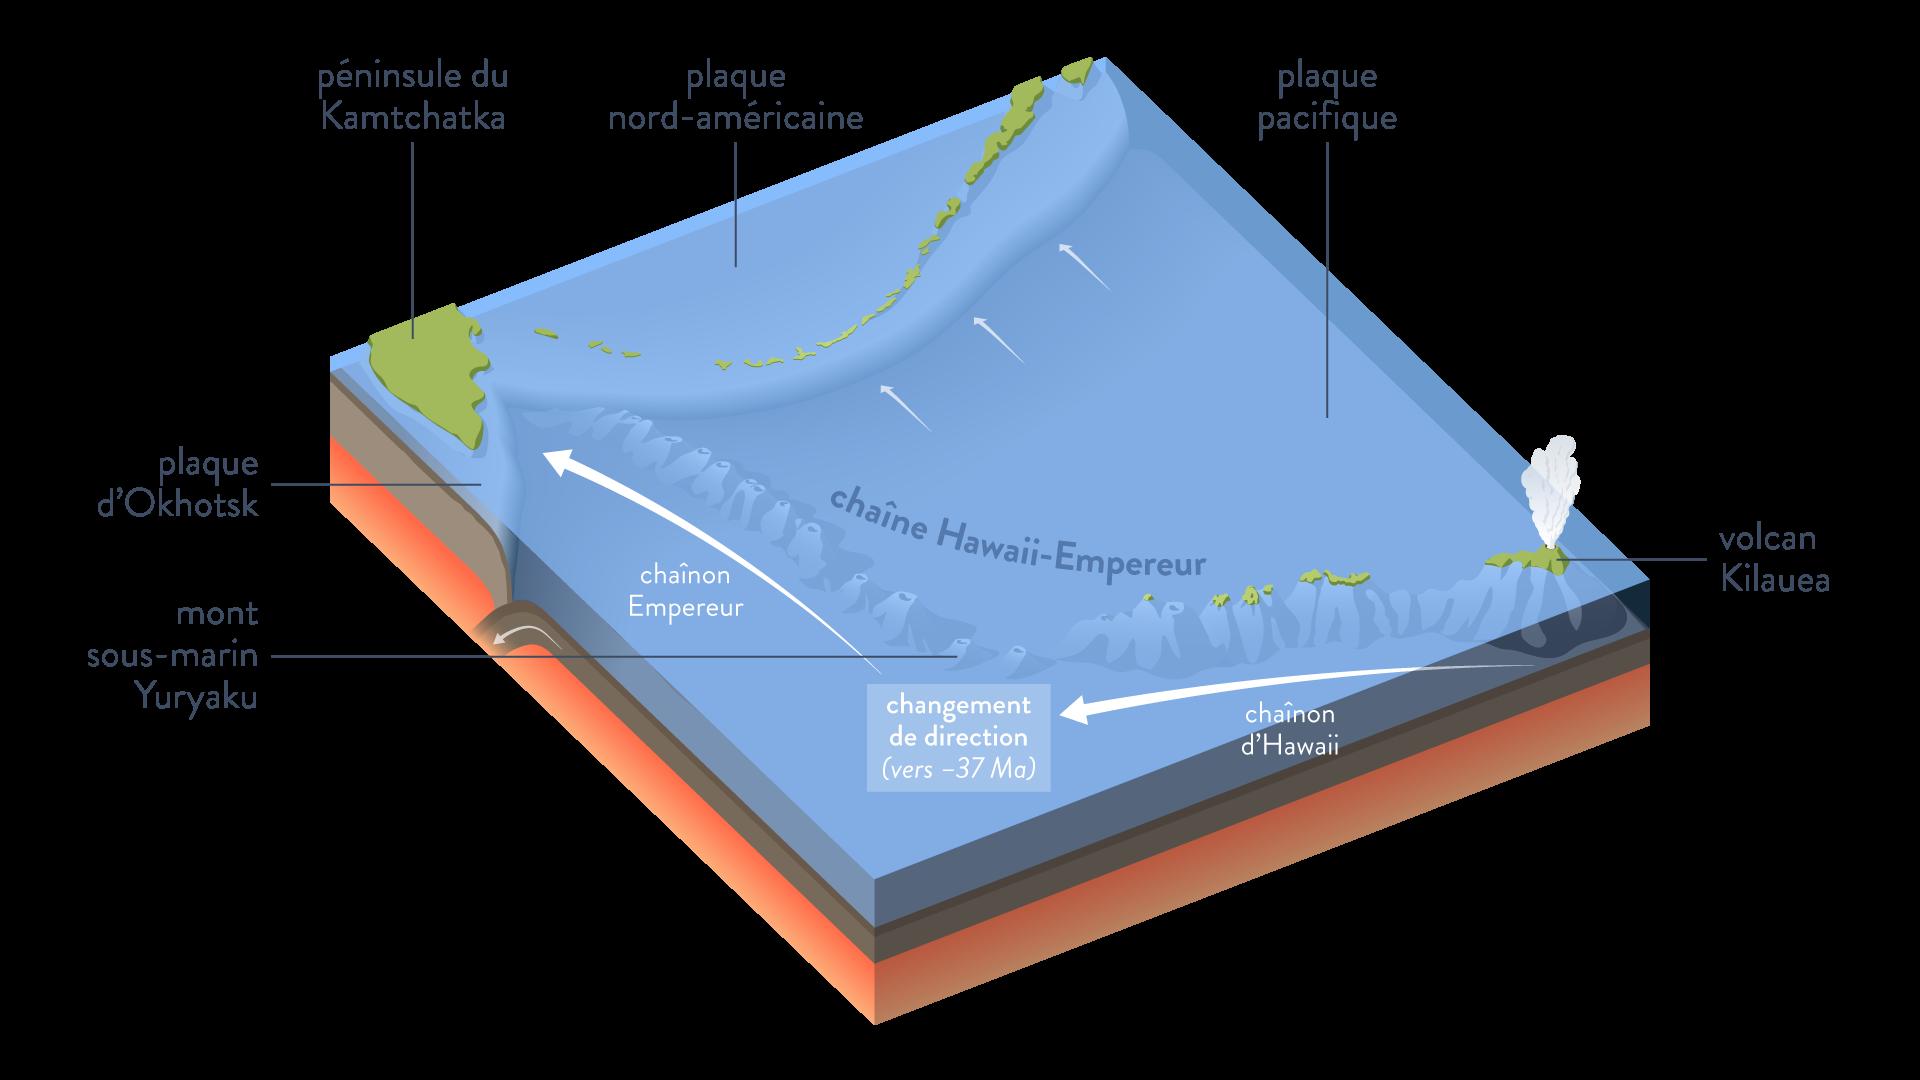 volcan de point chaud chainon hawaii empereur svt première